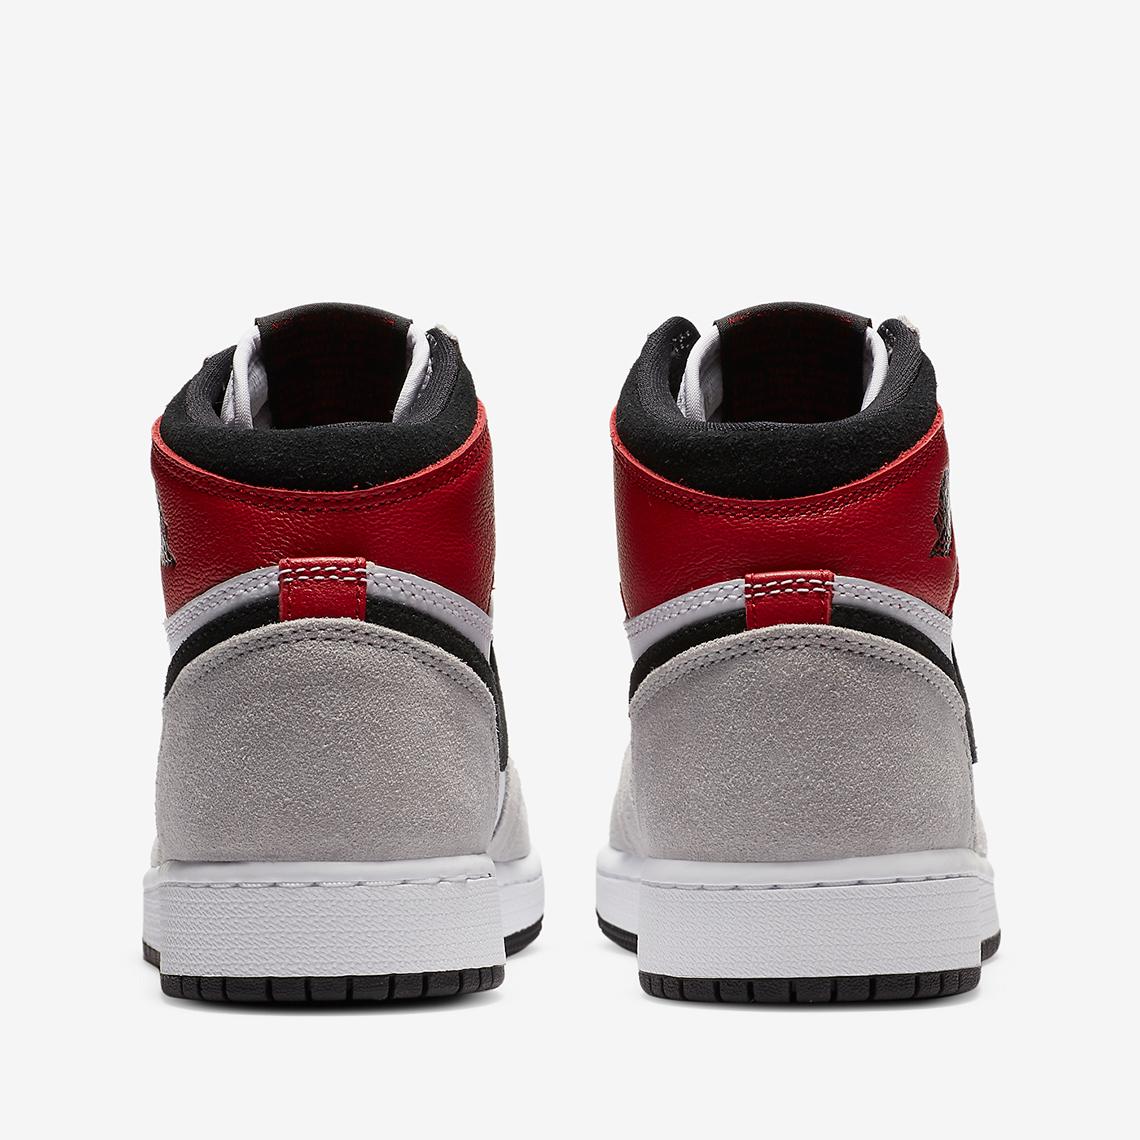 Air Jordan 1 High OG Light Smoke Grey 555088-126 12